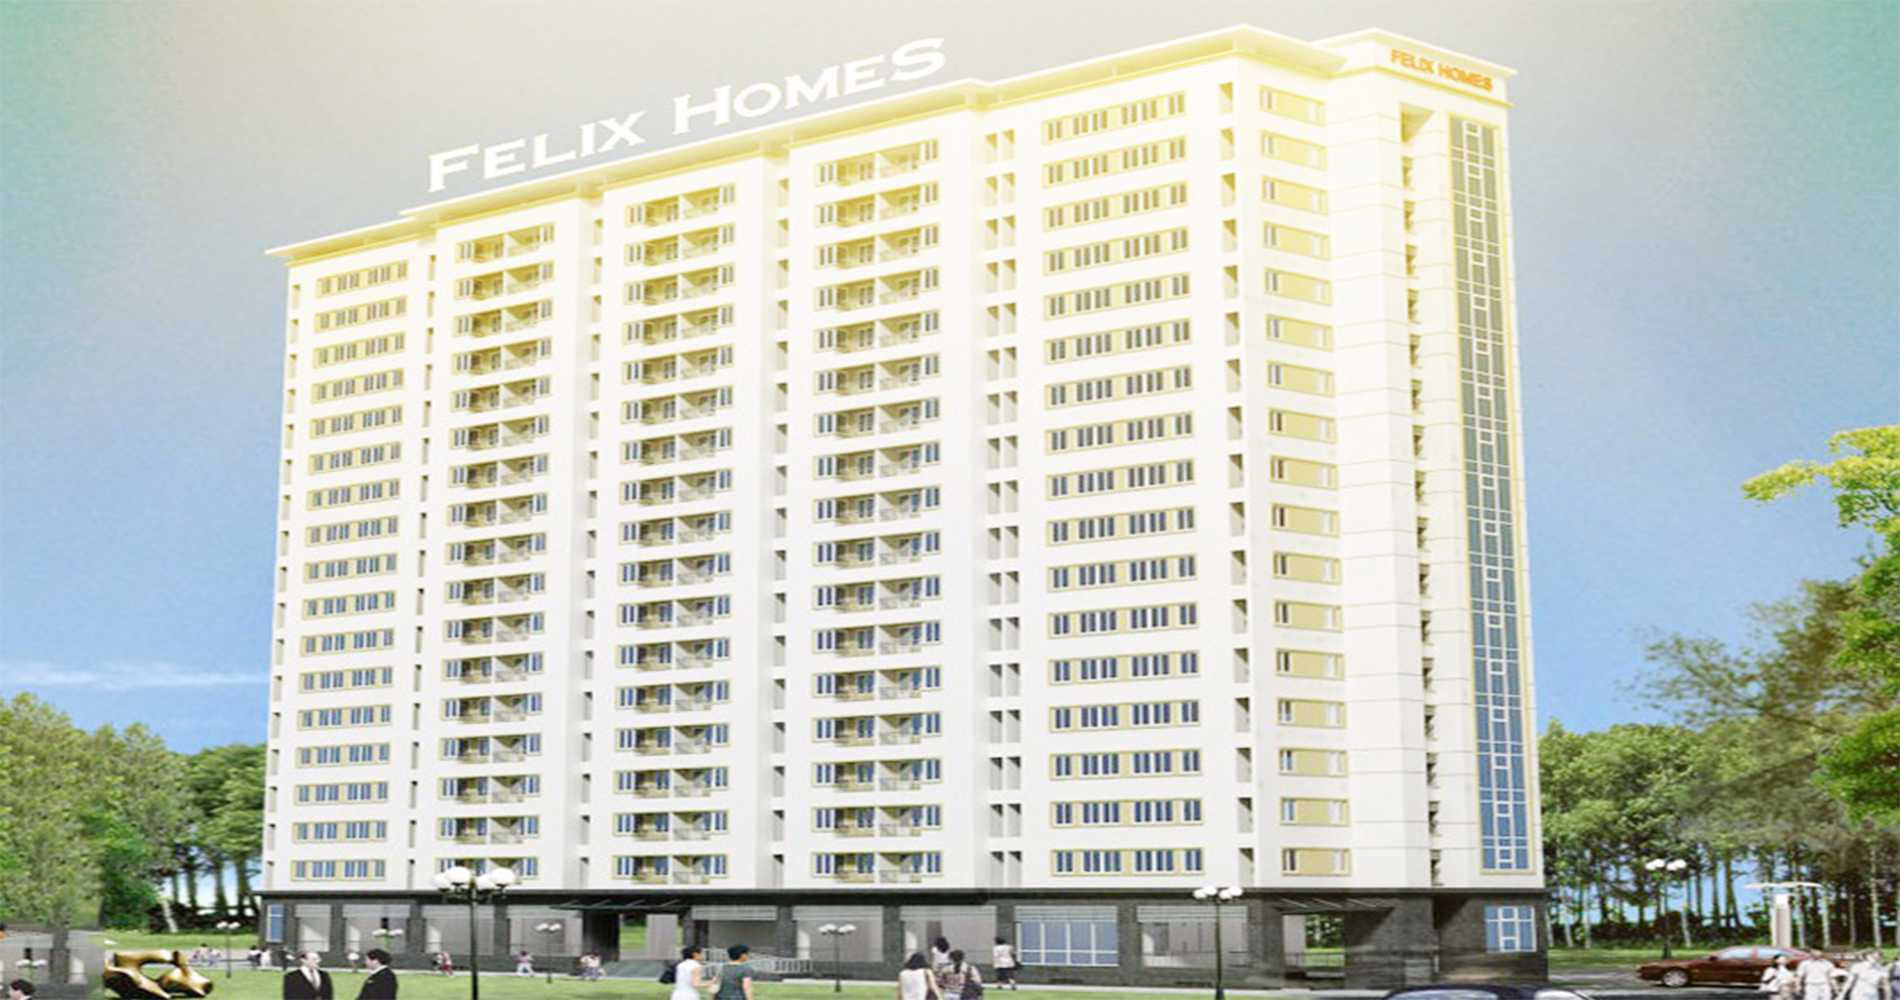 Tổng quan dự án căn hộ Felix Homes Gò Vấp-Ký gửi Căn hộ Felix homes